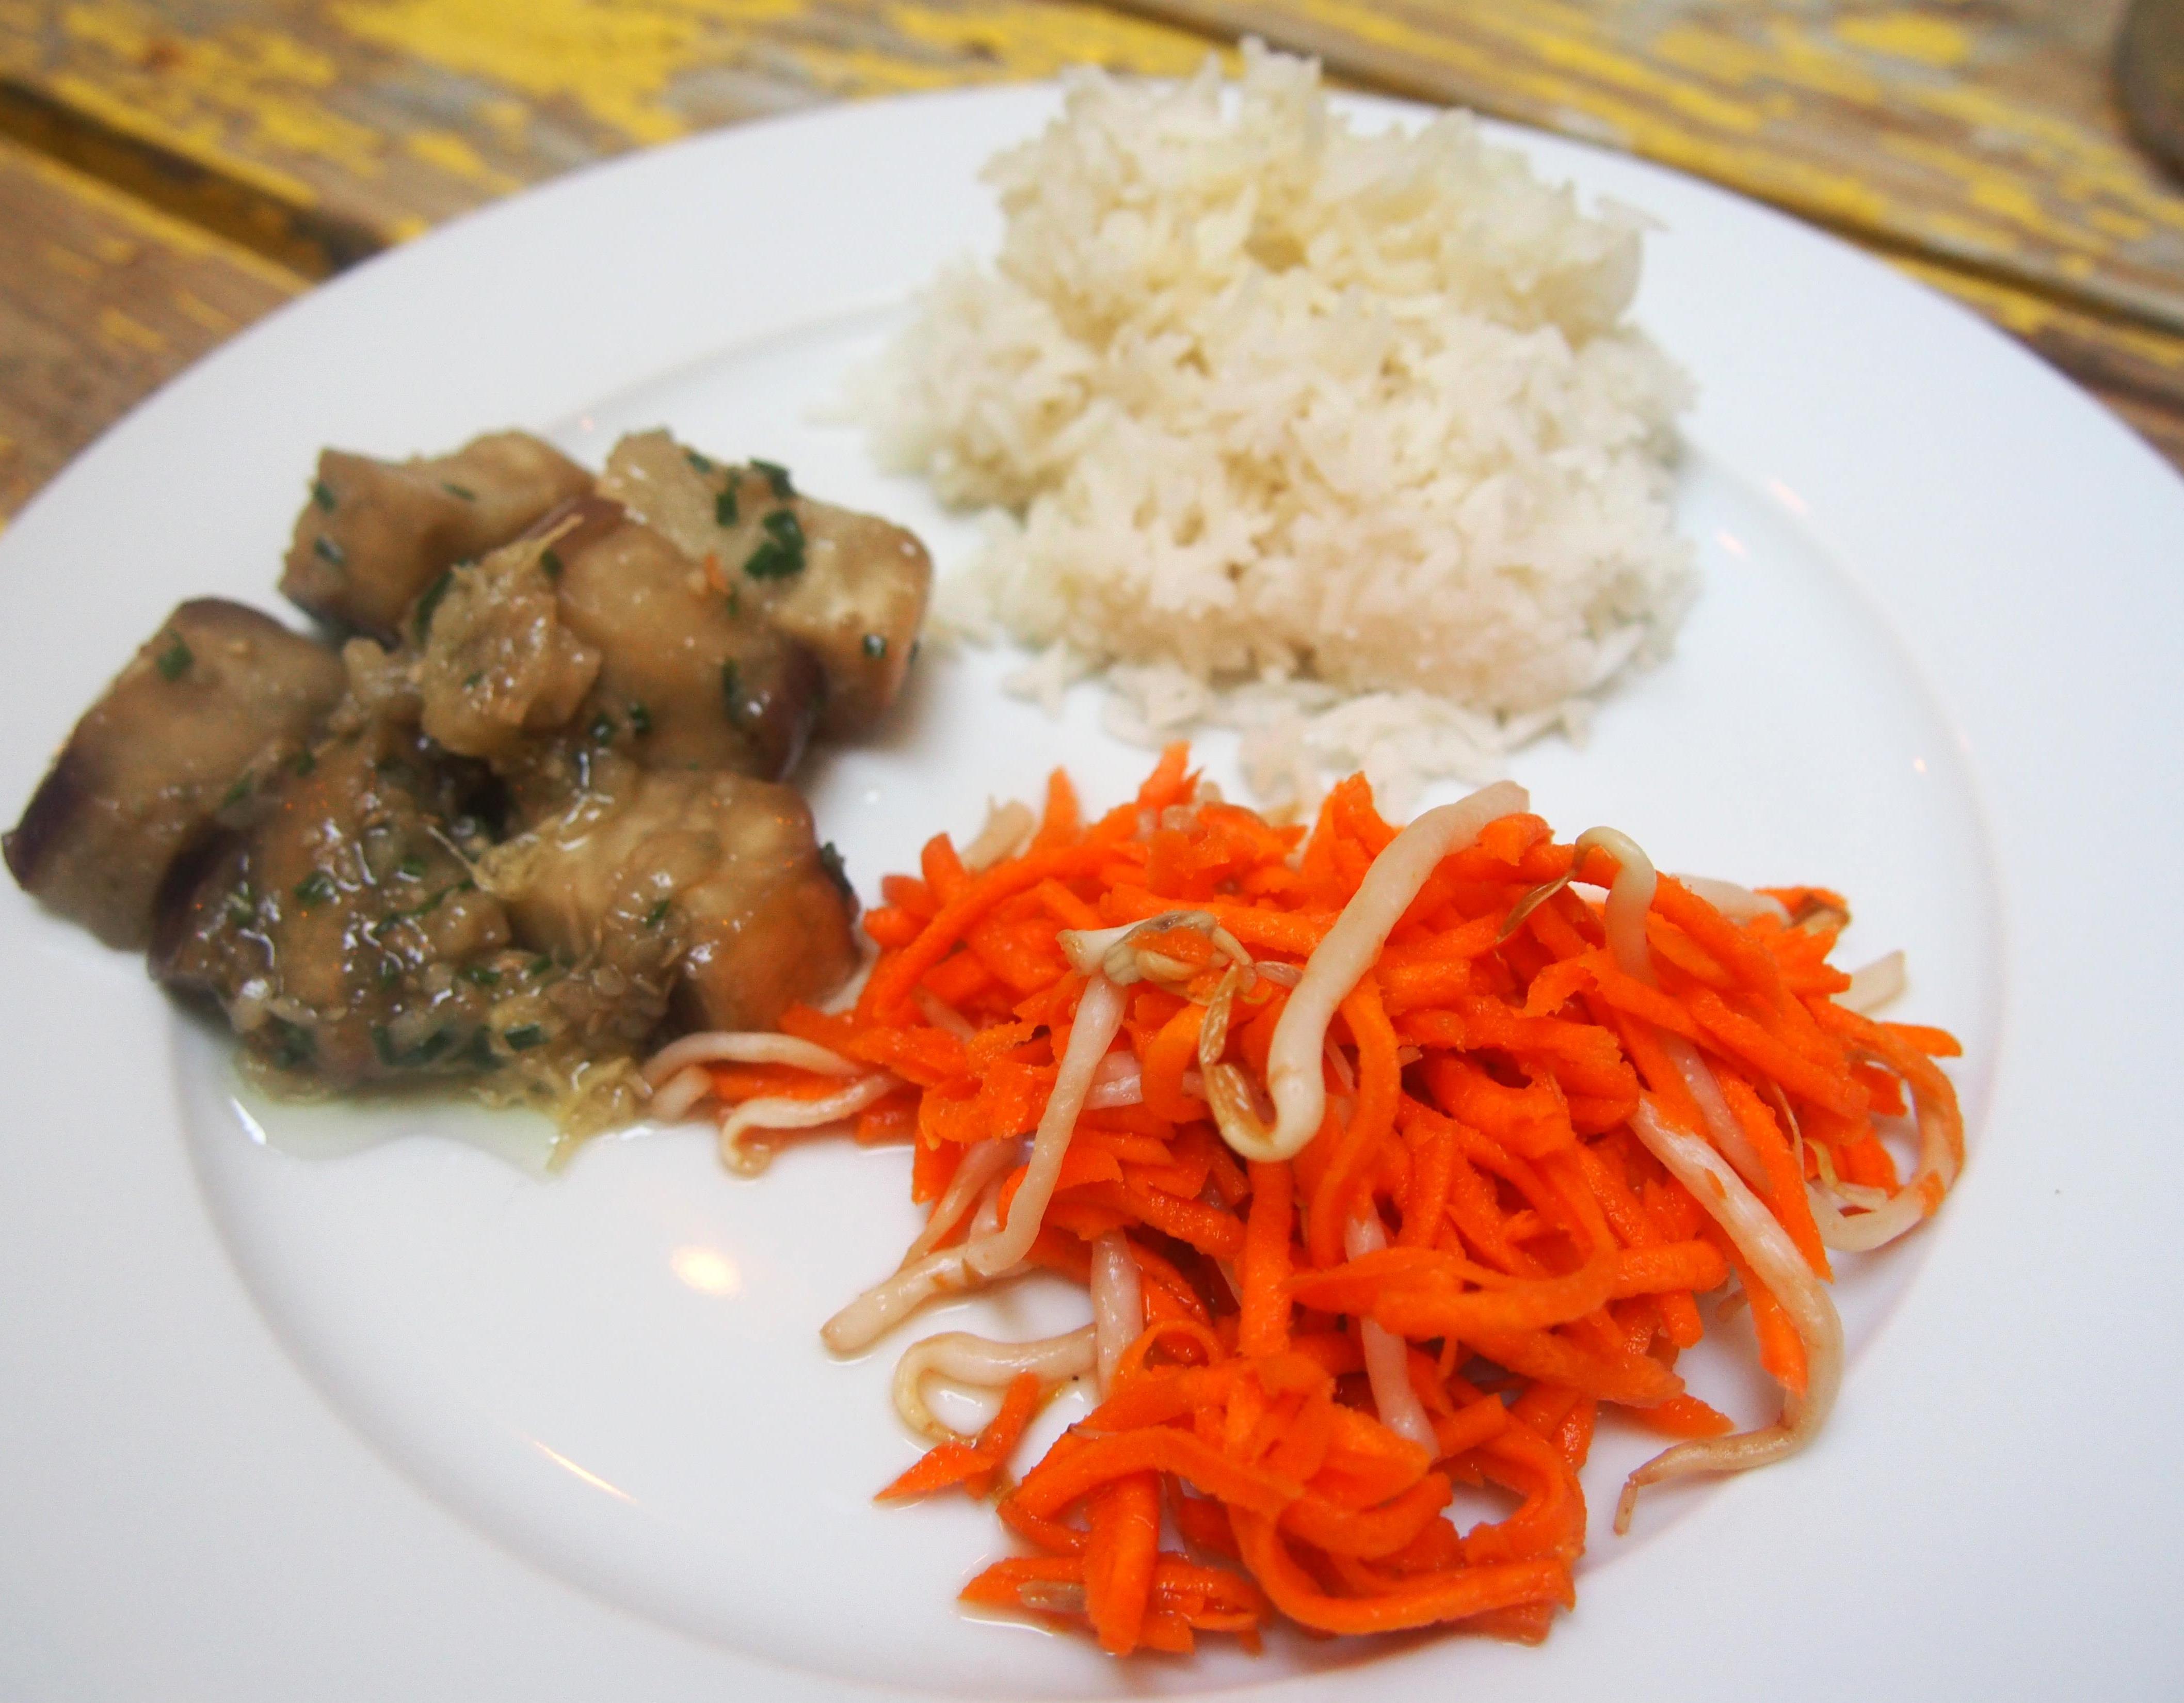 Assiette d inspiration asiatique et merci les gourmands disent cuisiner en paix - Comment cuisiner les germes de soja frais ...